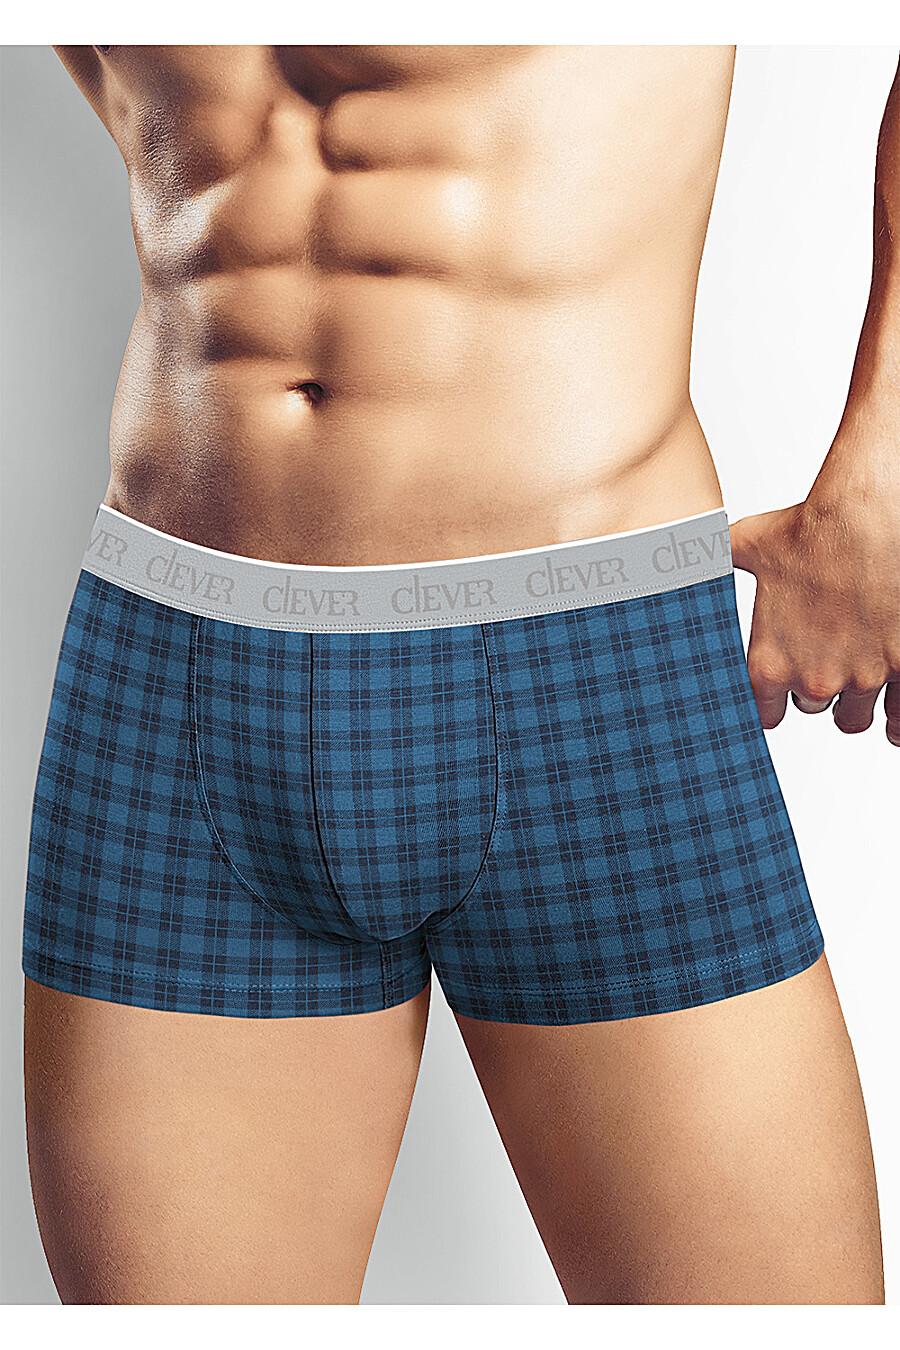 Трусы для мужчин CLEVER 155311 купить оптом от производителя. Совместная покупка мужской одежды в OptMoyo